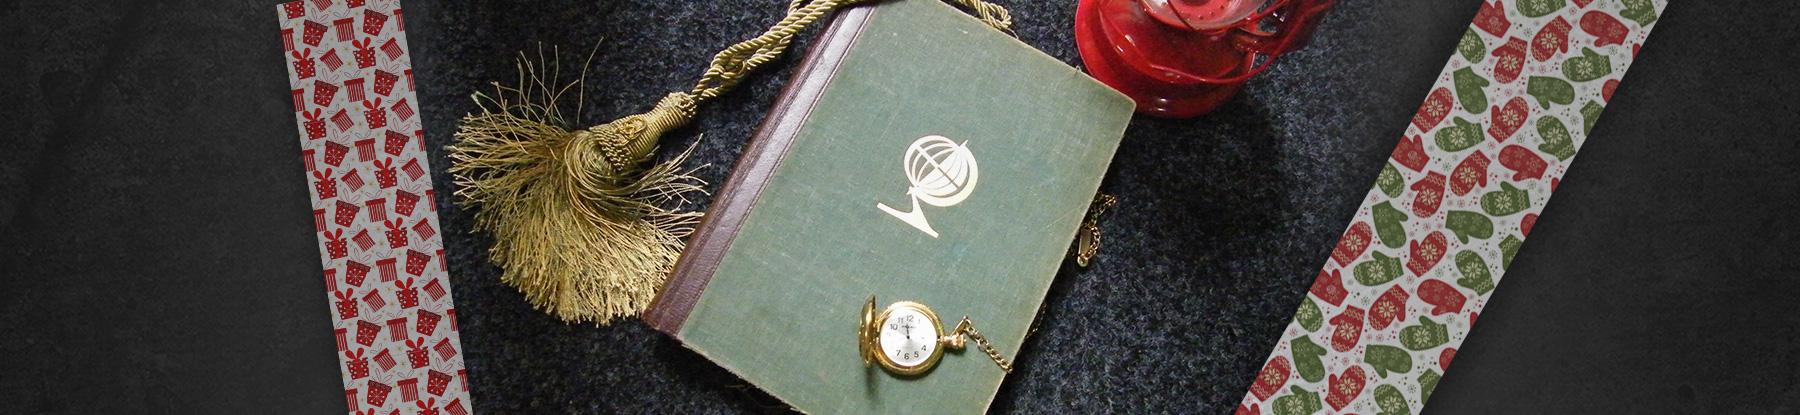 deda-mrazov-dnevnik